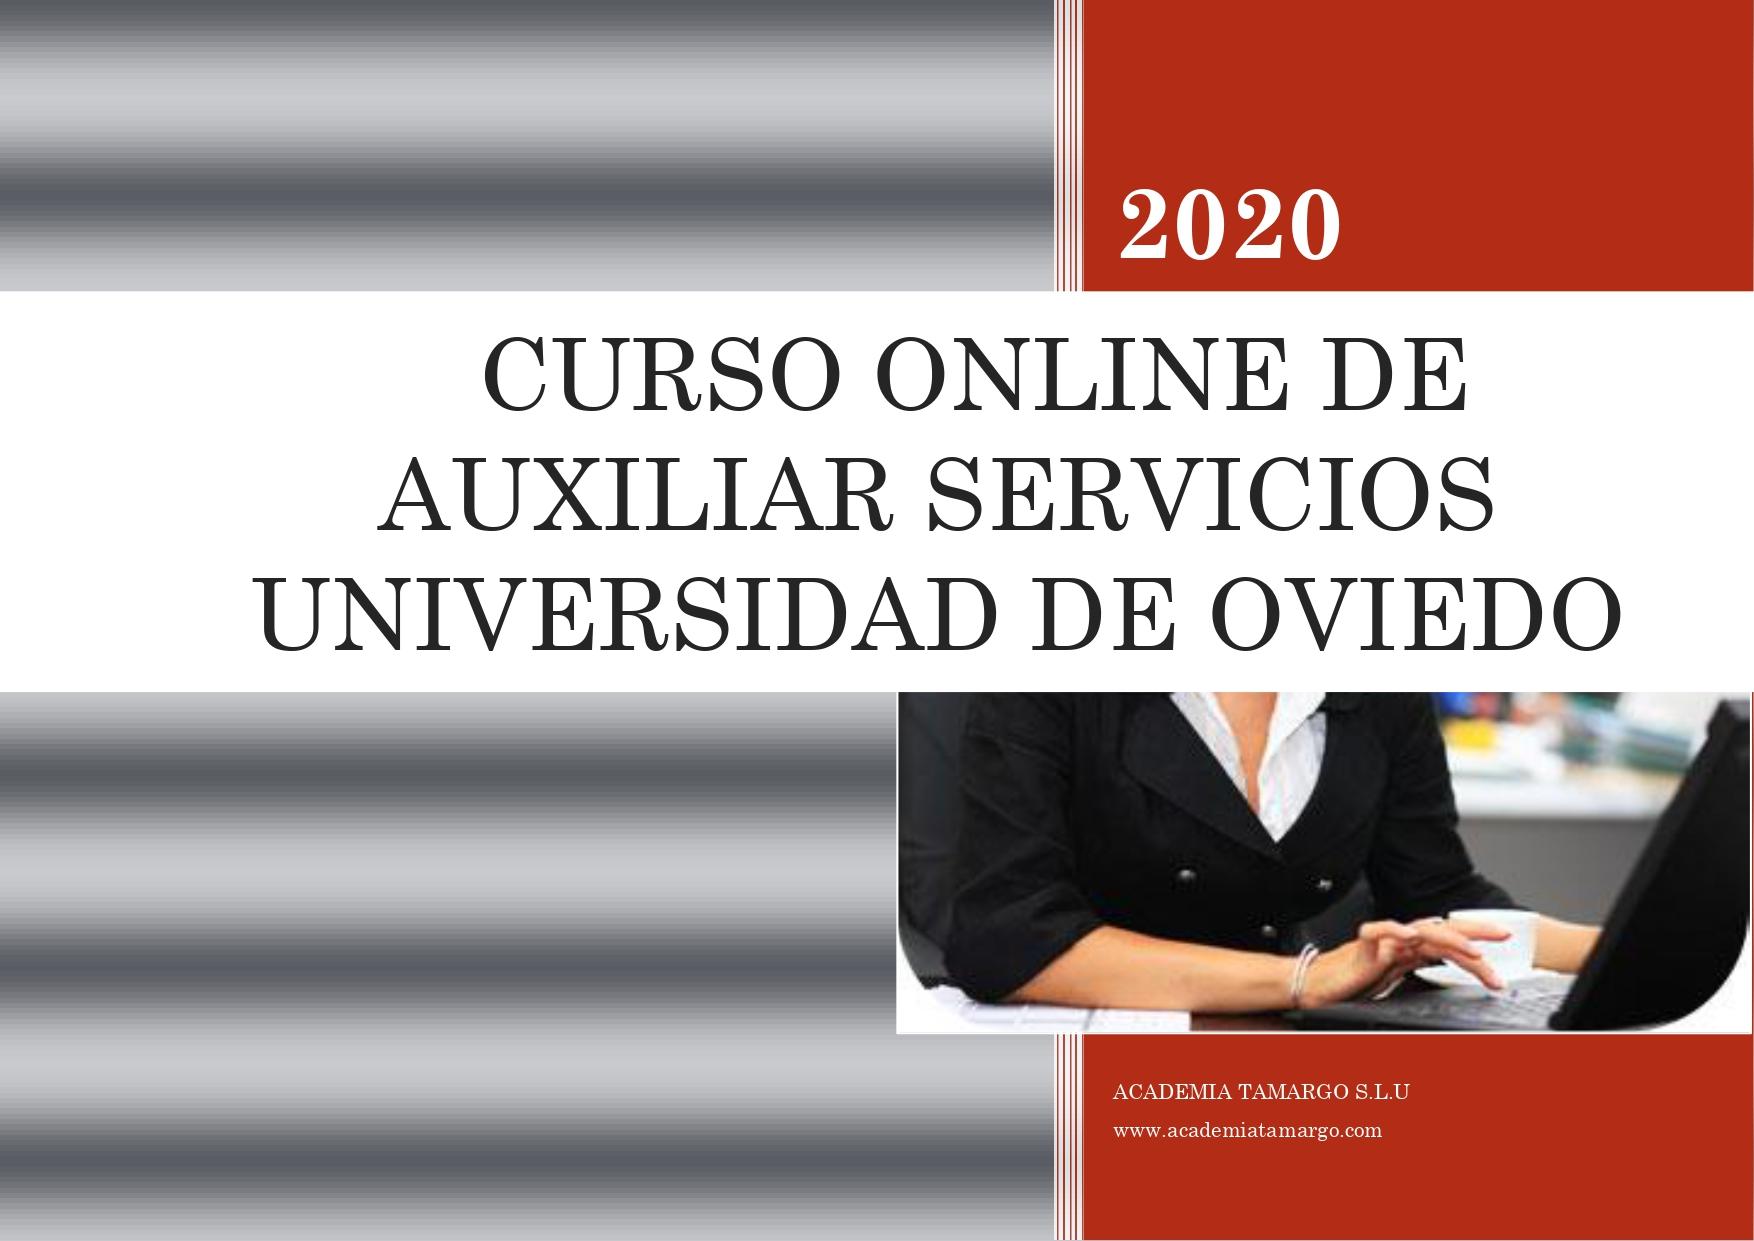 PORTADA DE CURSO ONLINE DE AUXILIAR SERVICIOS UNIOVI_page-0001